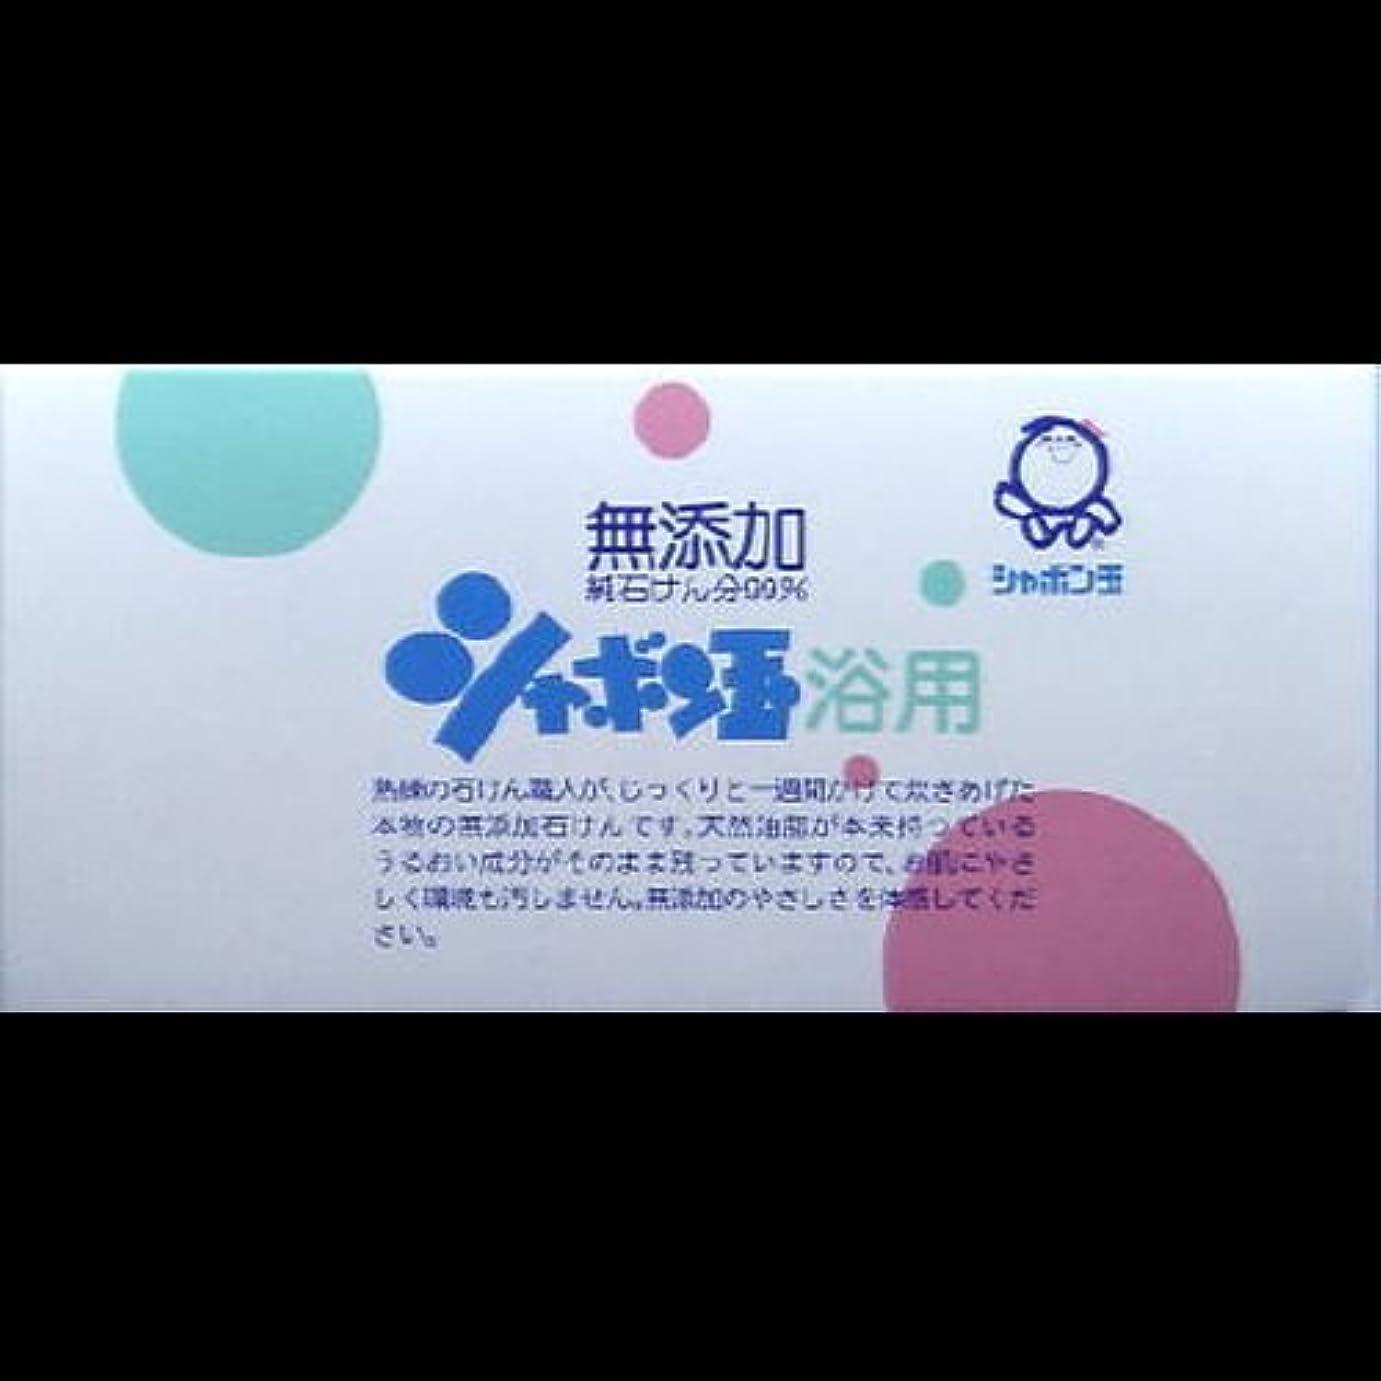 【まとめ買い】シャボン玉 浴用 100g*3個 ×2セット